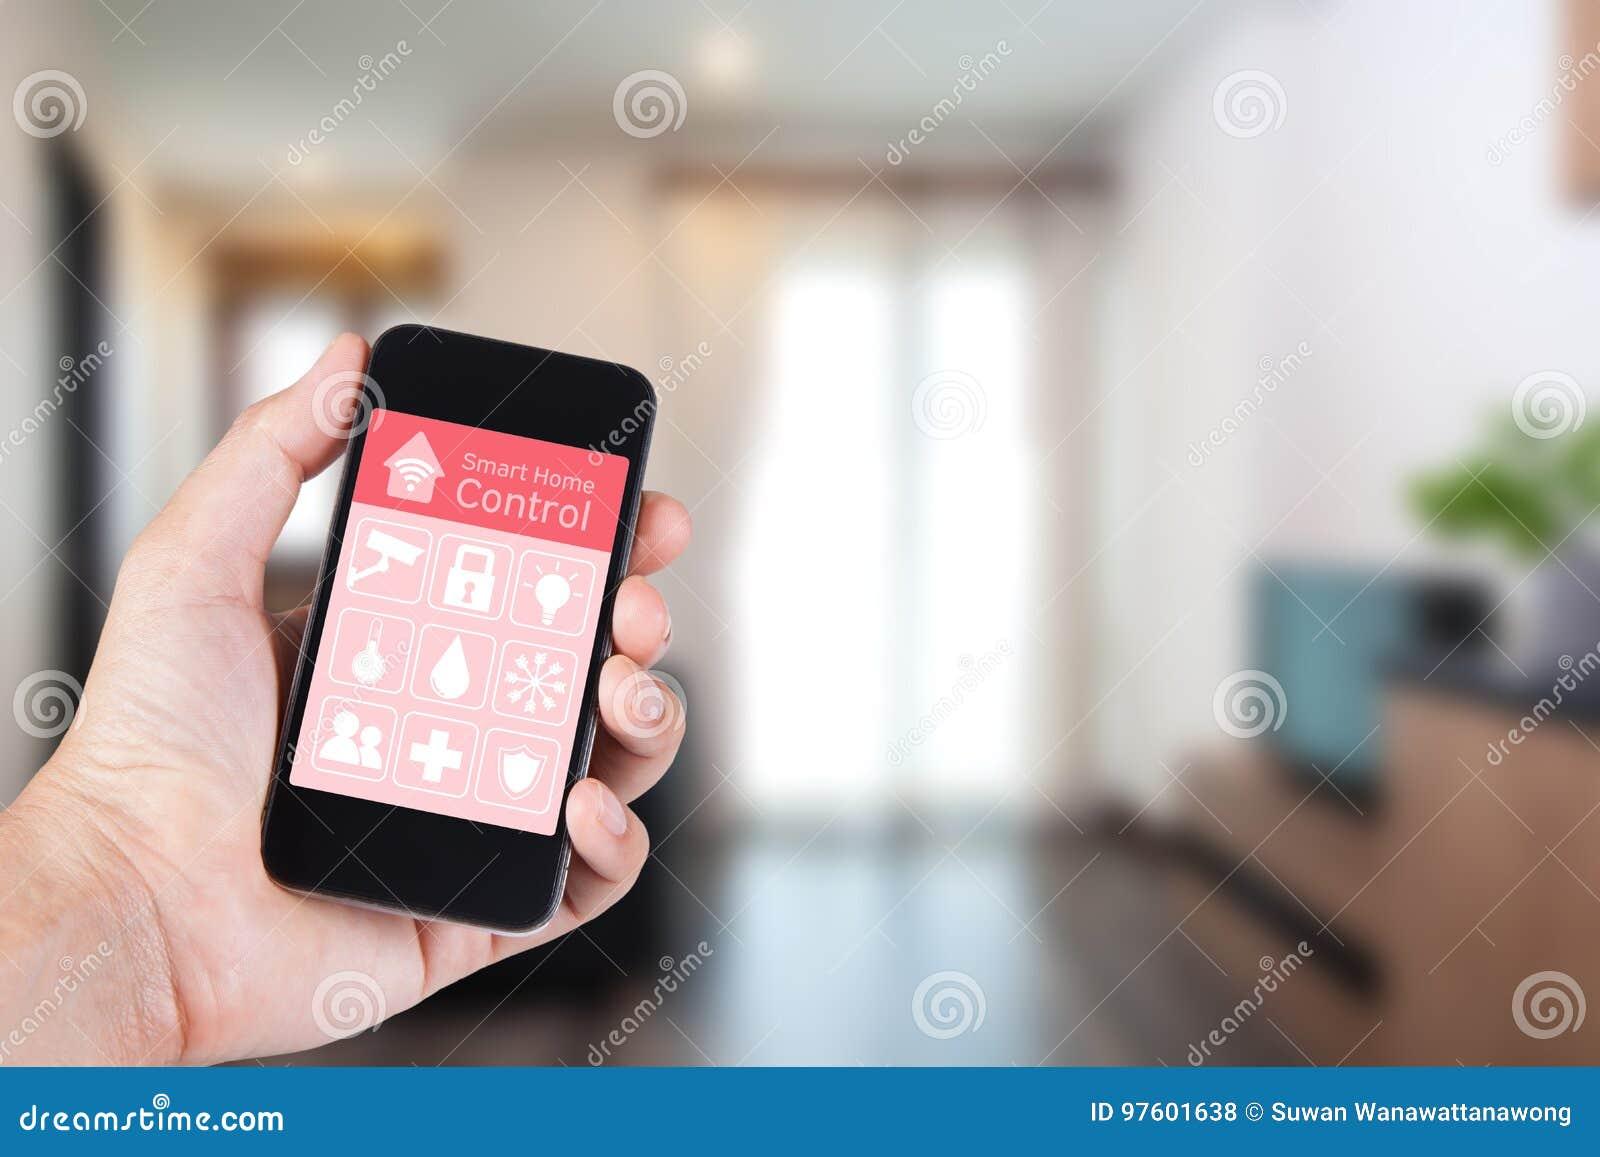 Mano usando smartphone al hogar elegante app en móvil